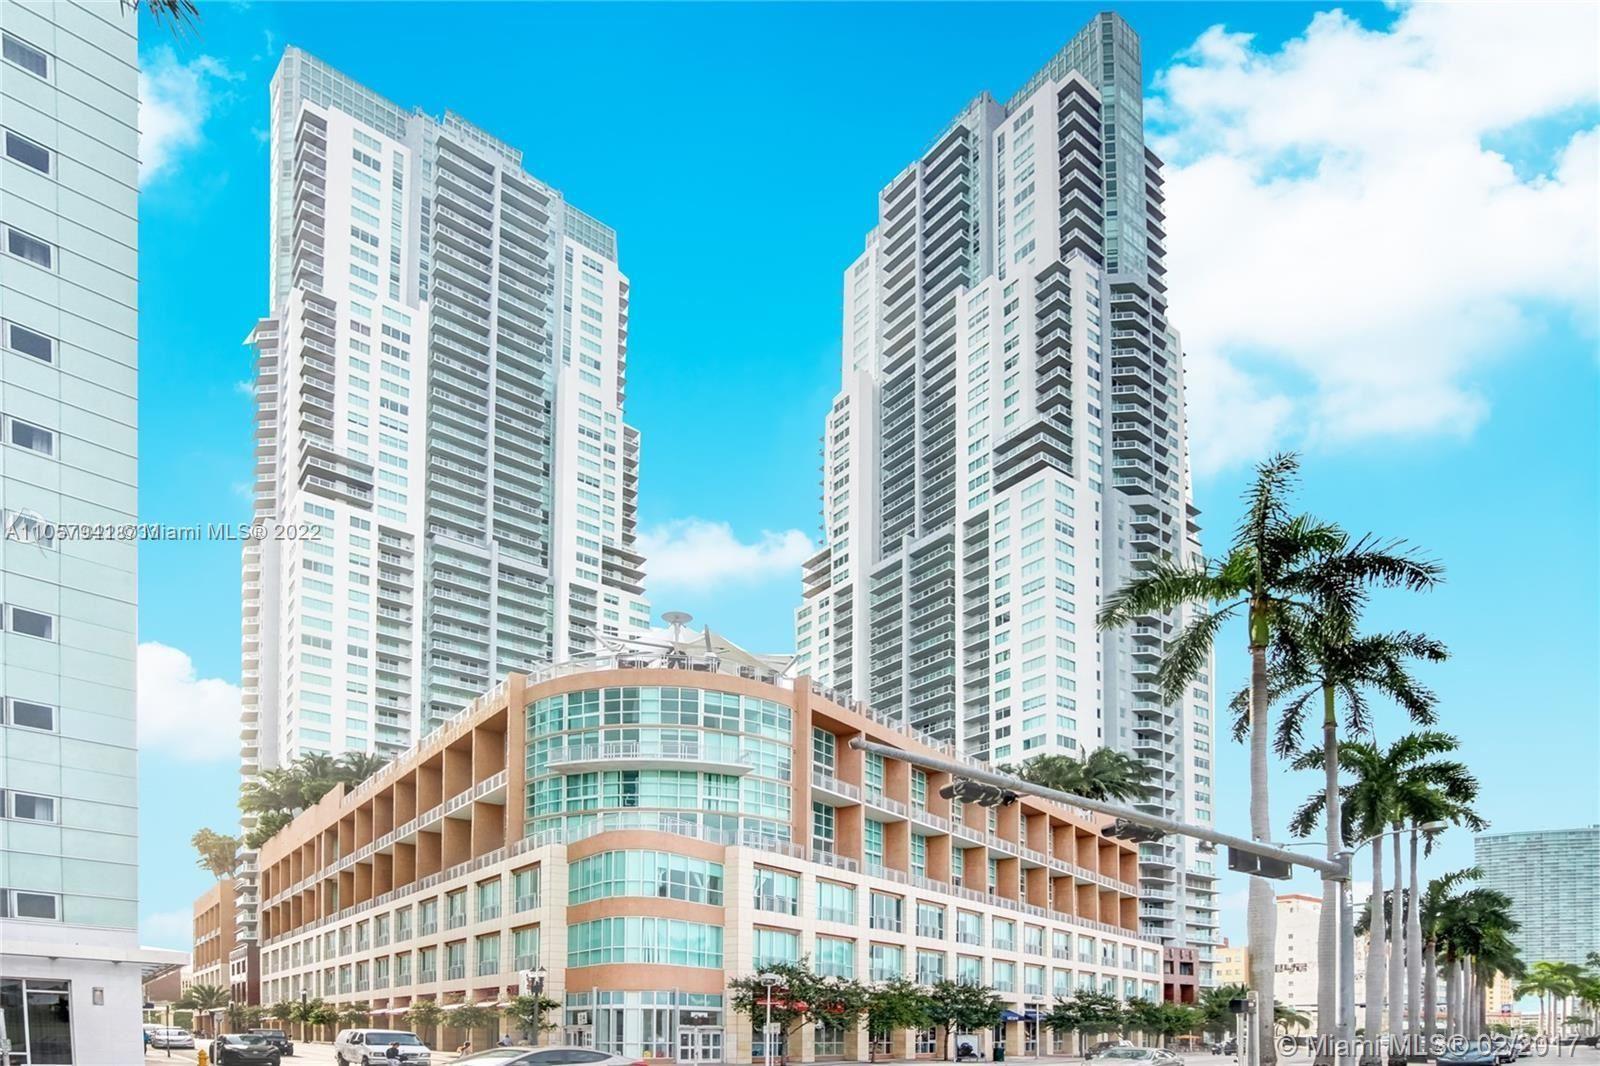 253 NE 2nd St #208, Miami, FL 33132 - #: A11057941